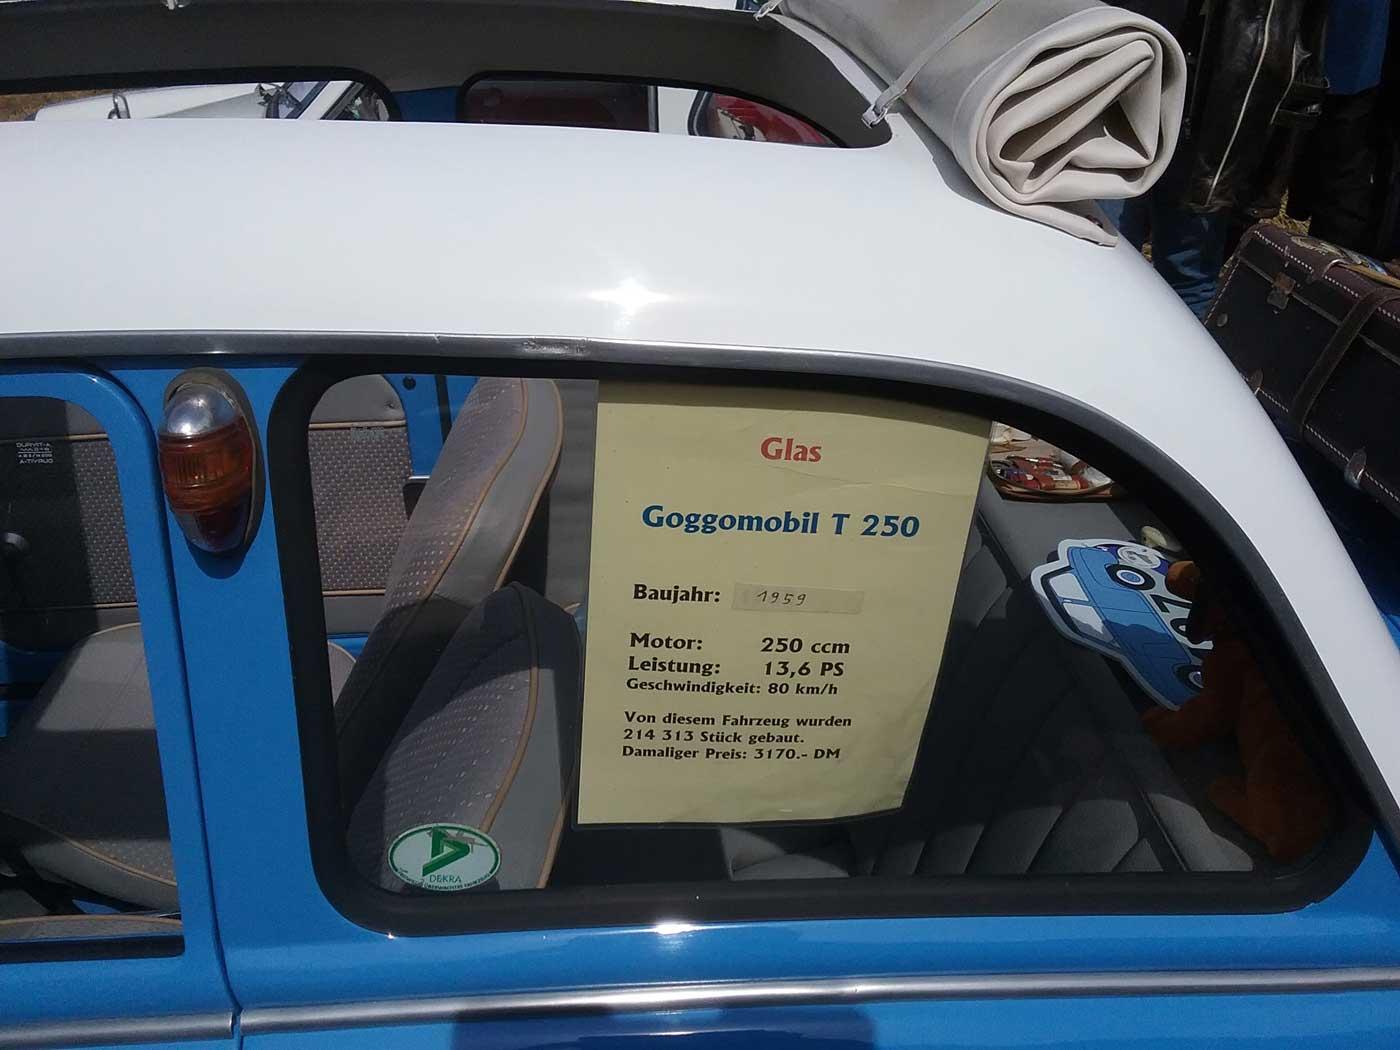 Beschreibung Goggomobil T 250